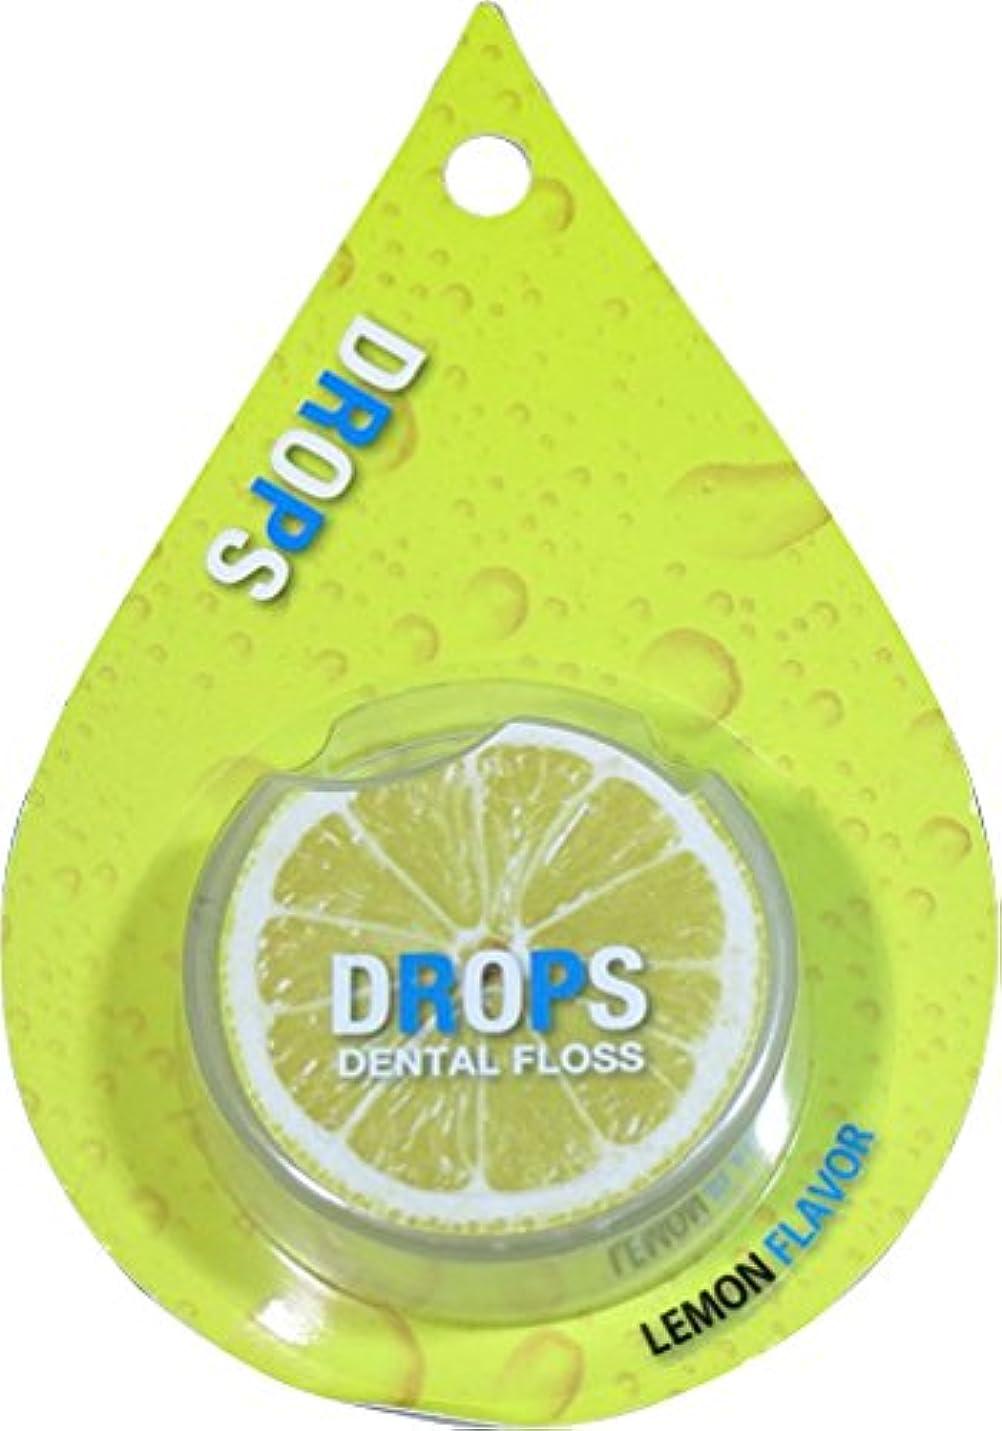 ドリンクほのかめんどりDrops(ドロップス) - Lemon